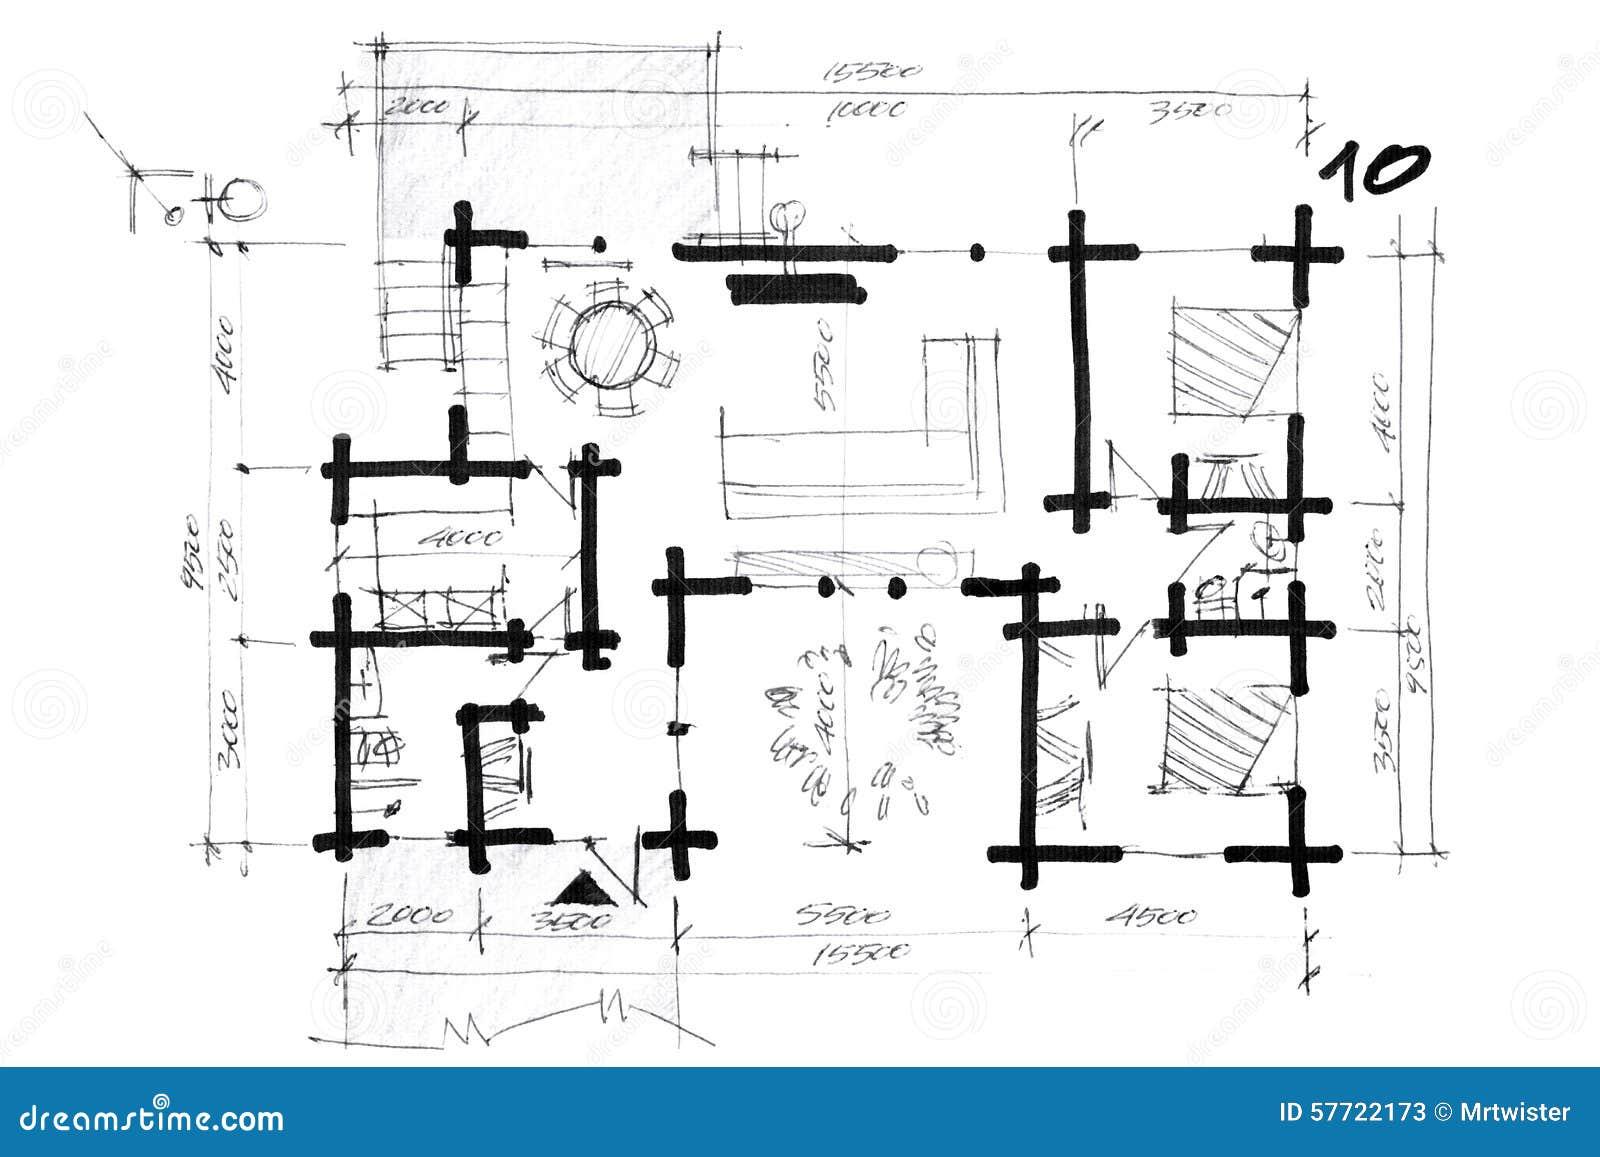 Un plan de maison tage maison abordable chambres garage for Concevoir un plan de maison